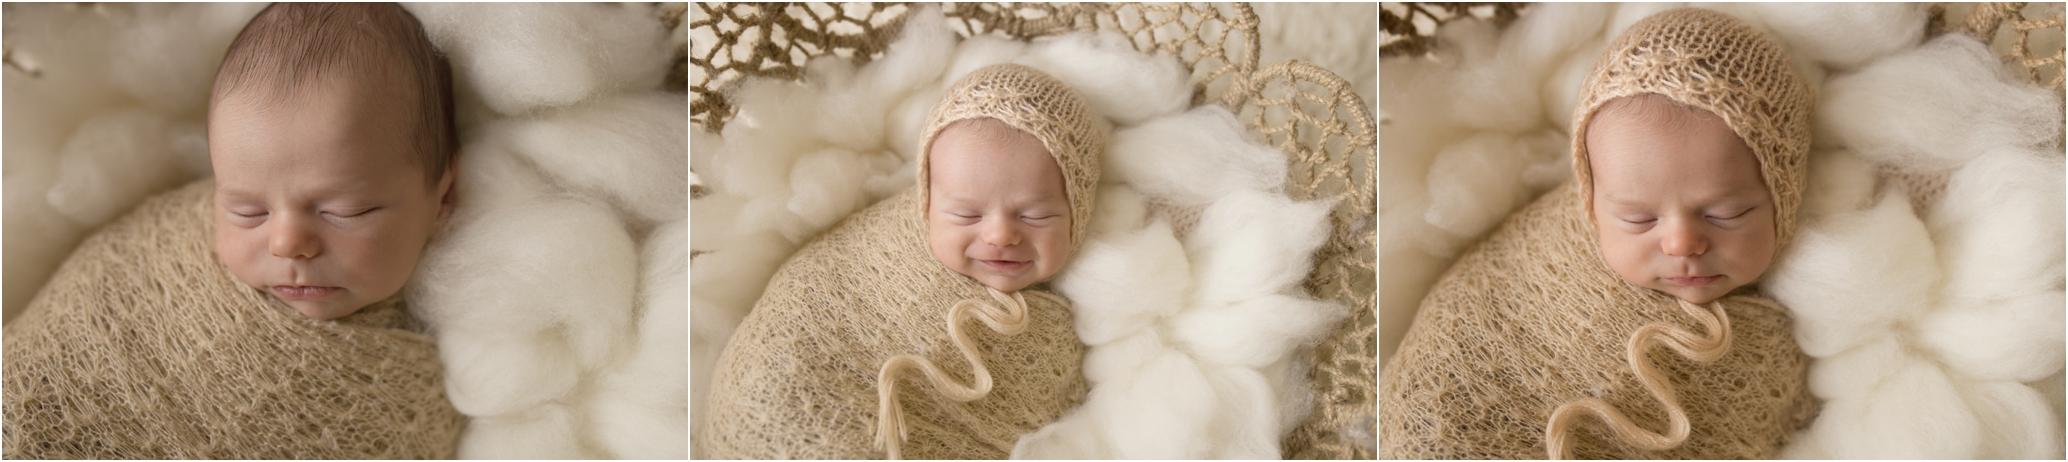 Newborn Photos Geelong_1415.jpg